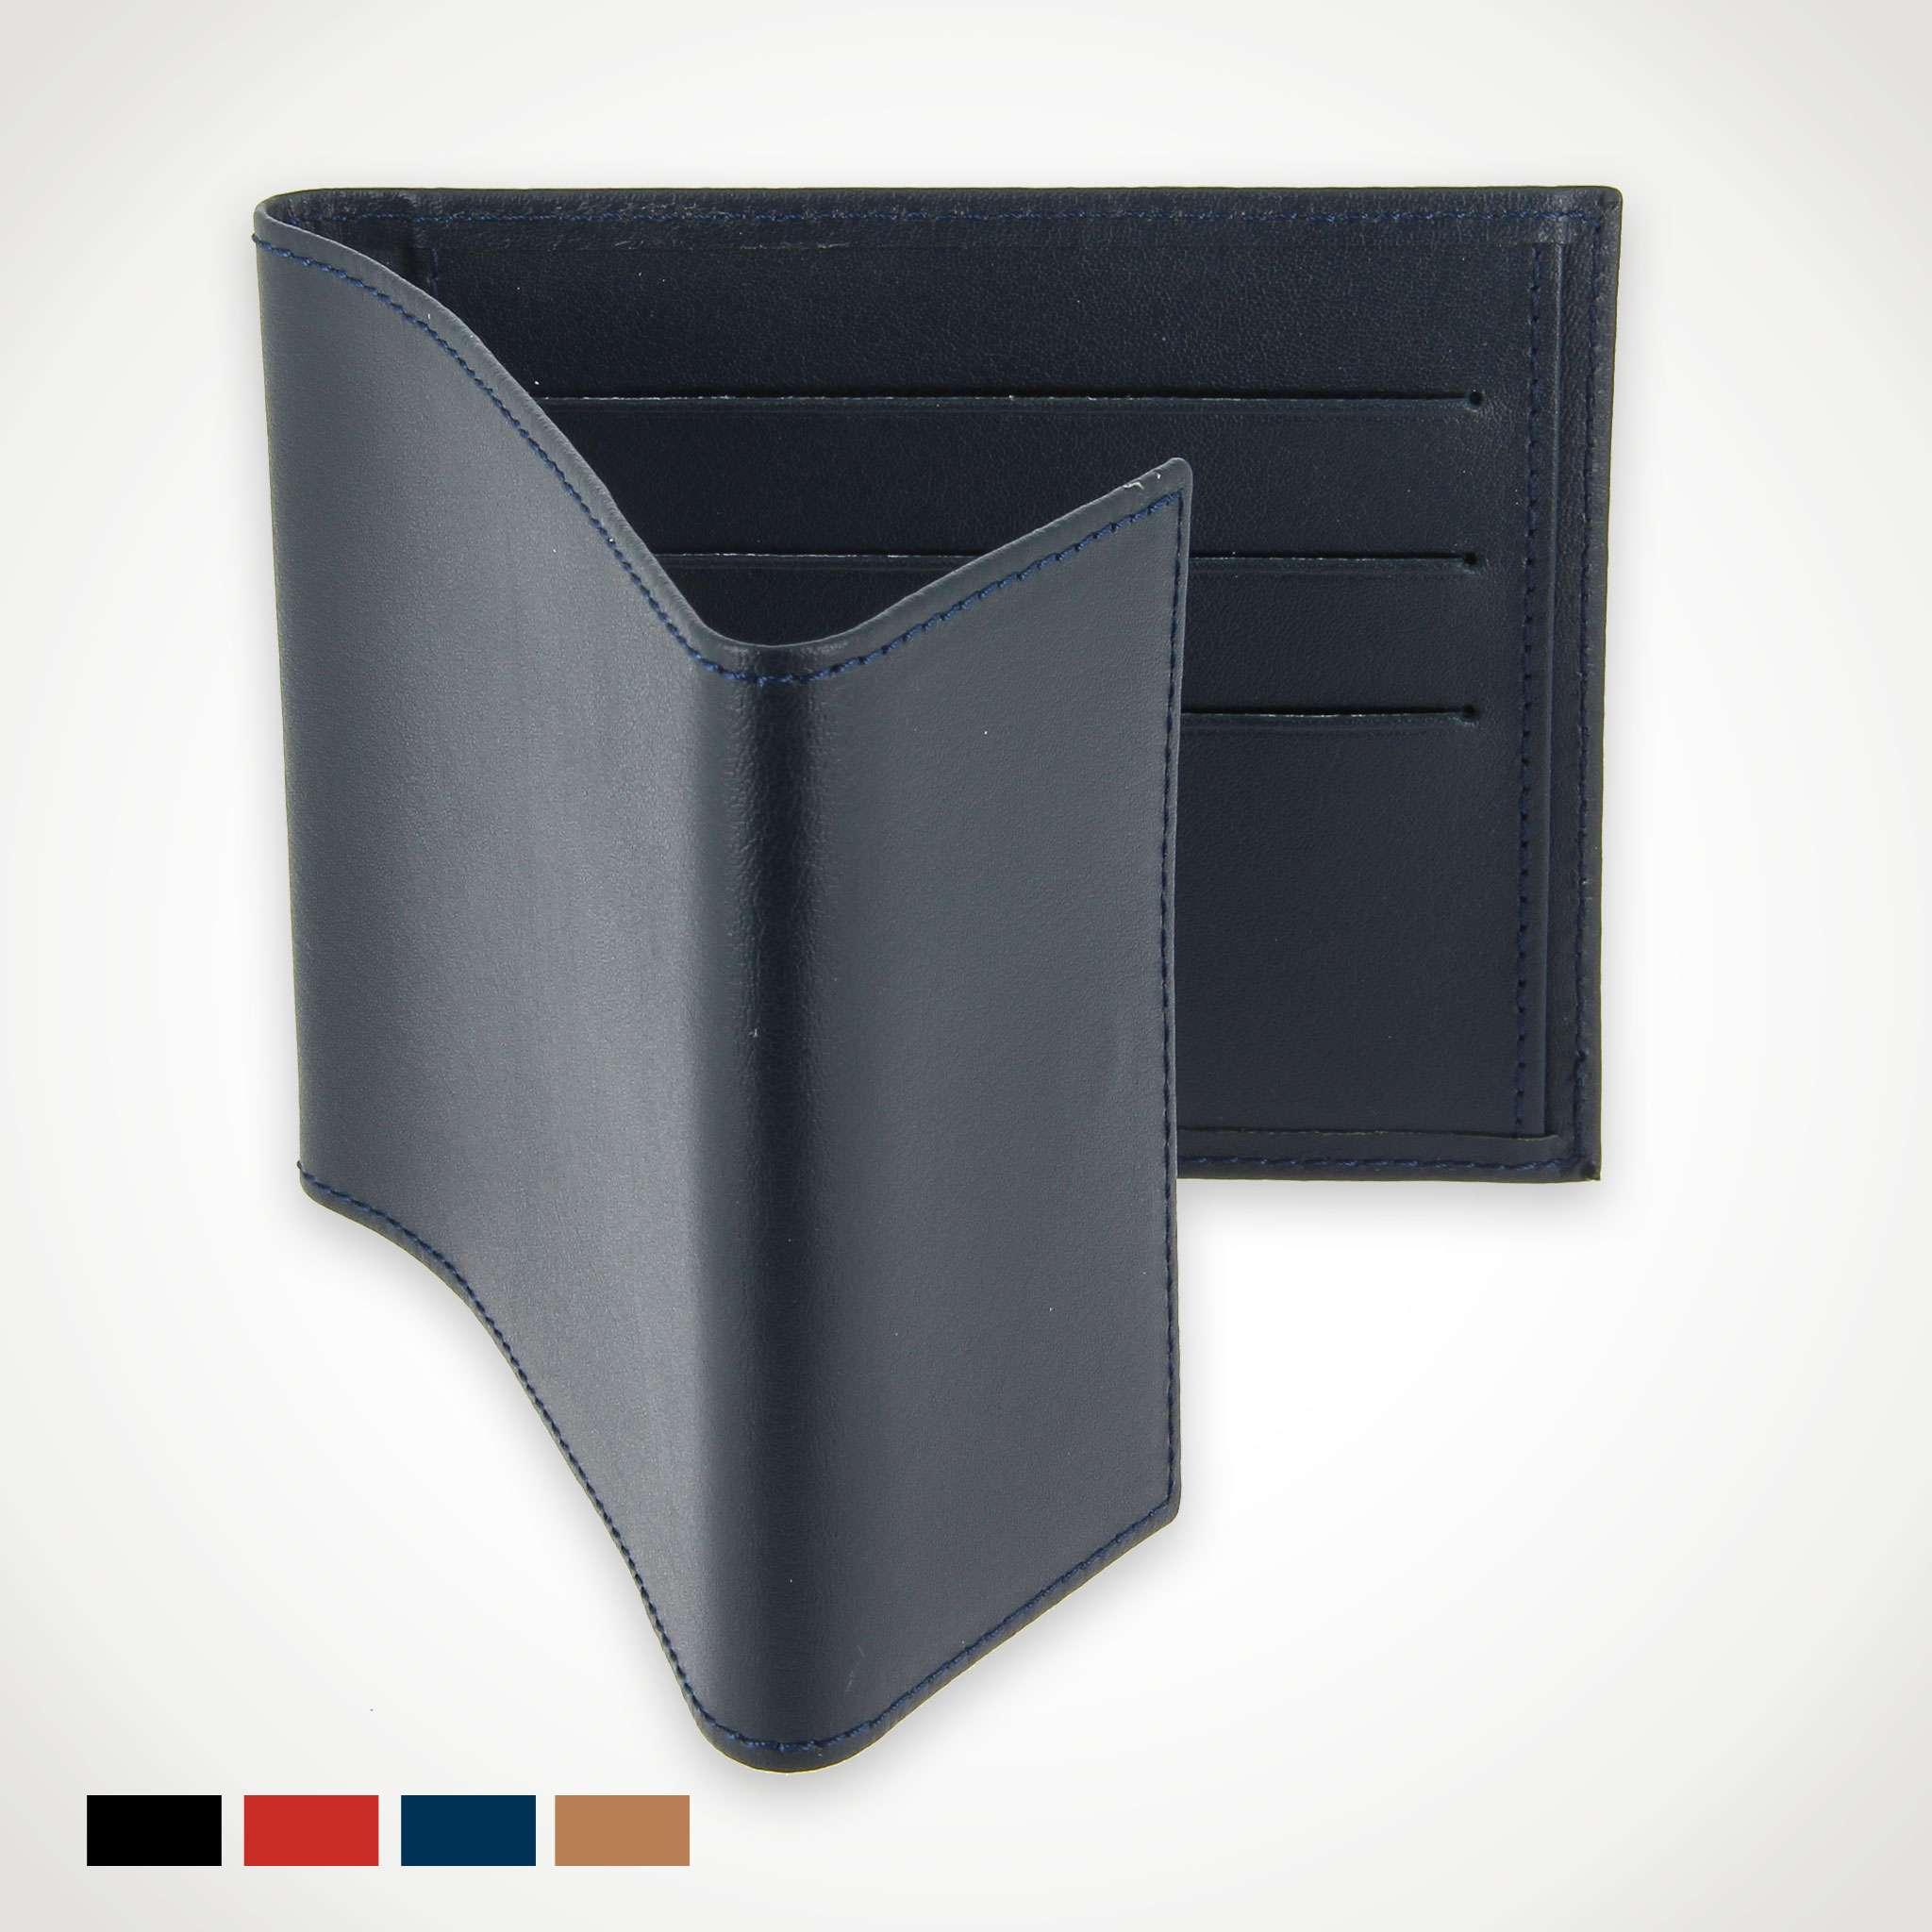 porte ch quier pliable cuir fleur de peau maroquinerie. Black Bedroom Furniture Sets. Home Design Ideas